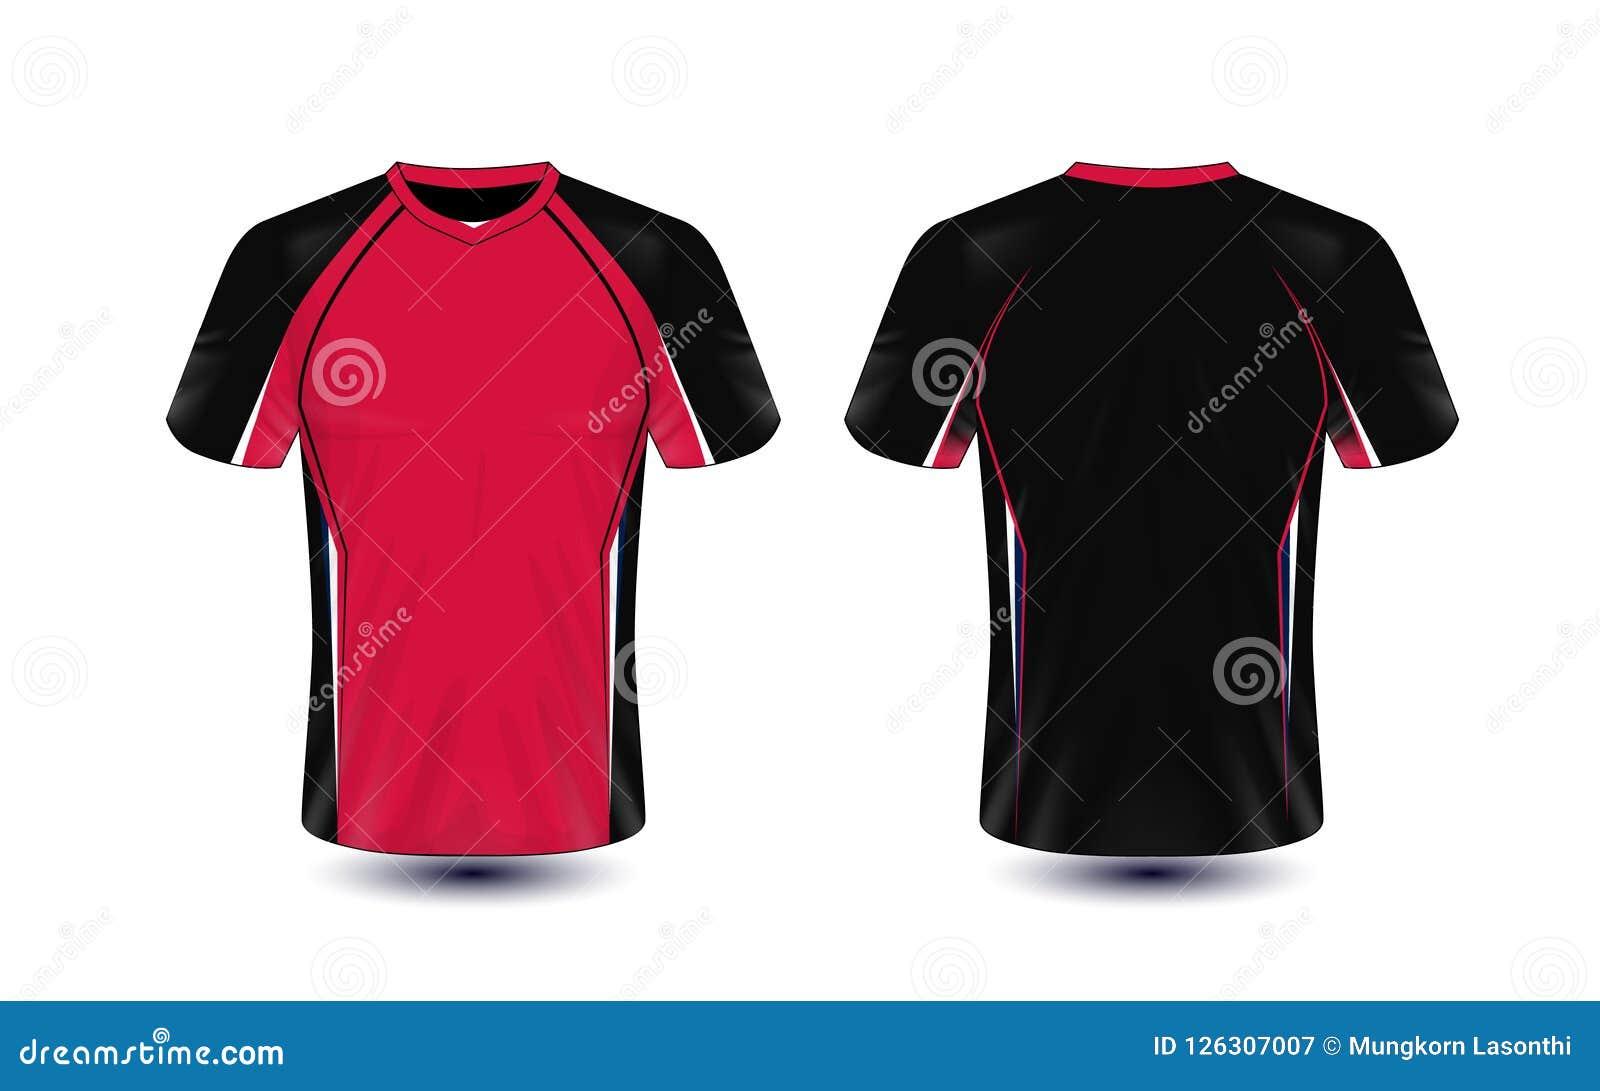 Camiseta Del Roja Deporte Y Diseño La Plantilla Negra De E gybfY76v